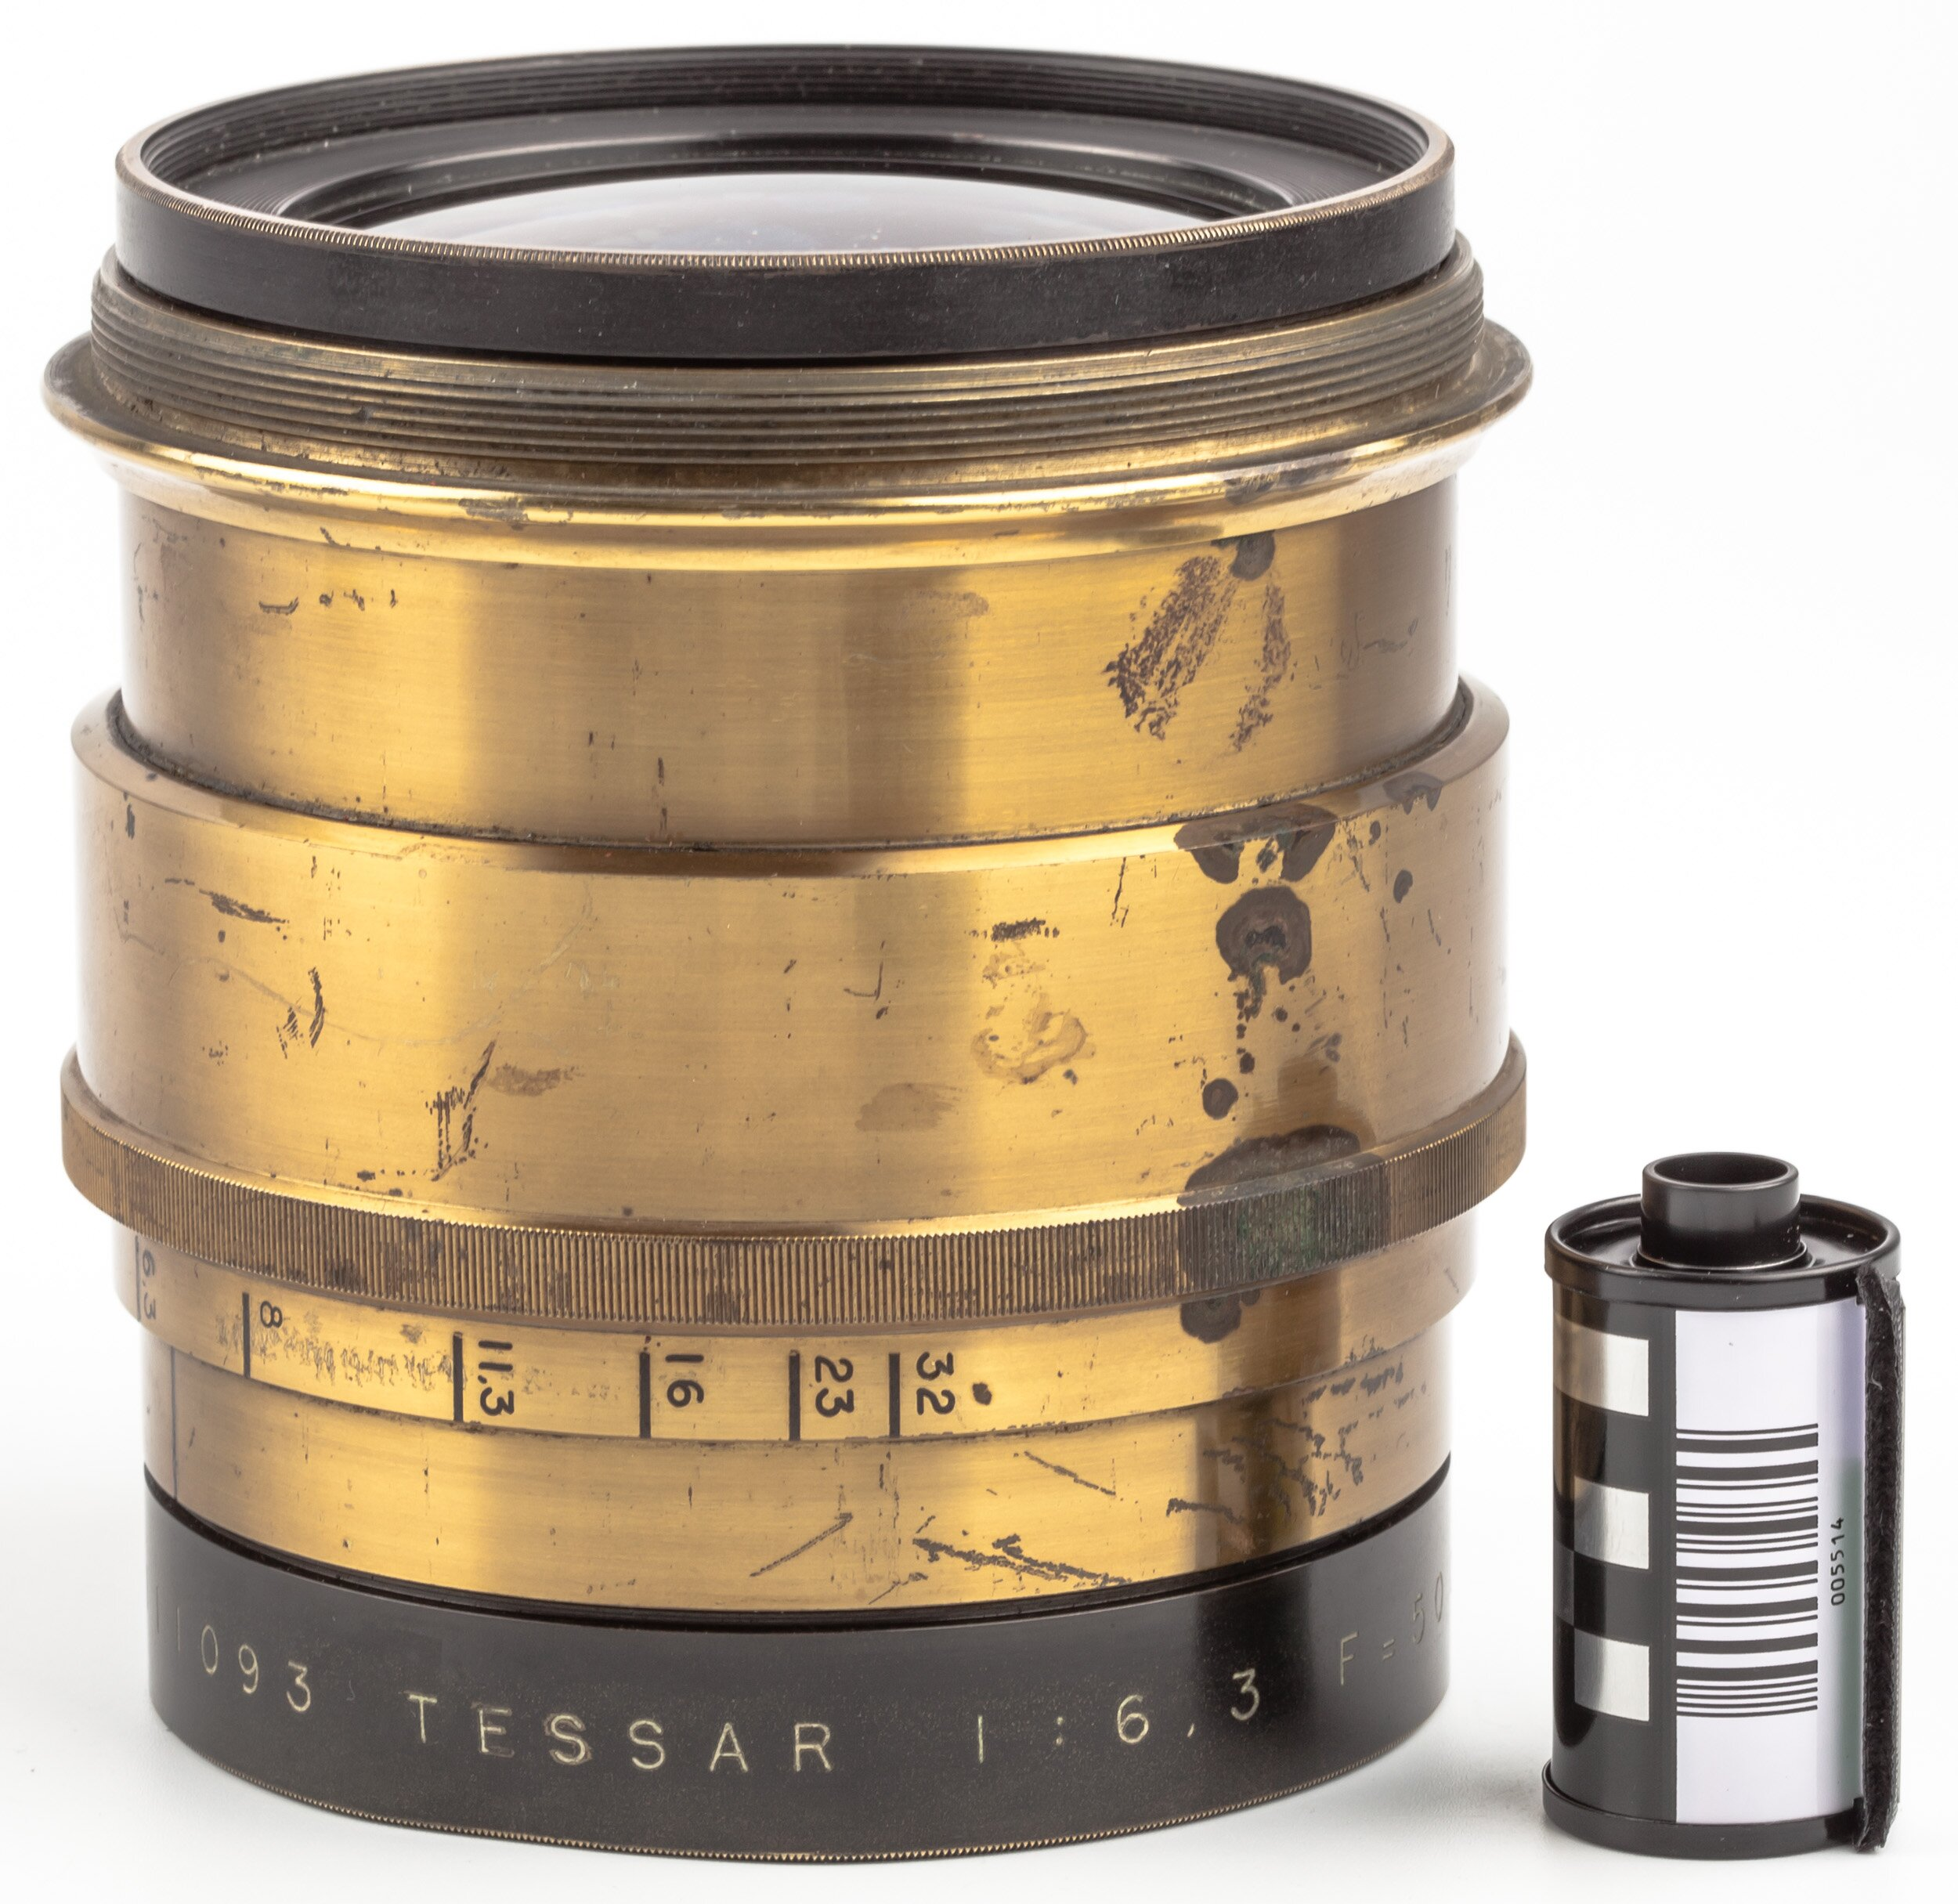 Carl Zeiss 500mm 6,3 Tessar